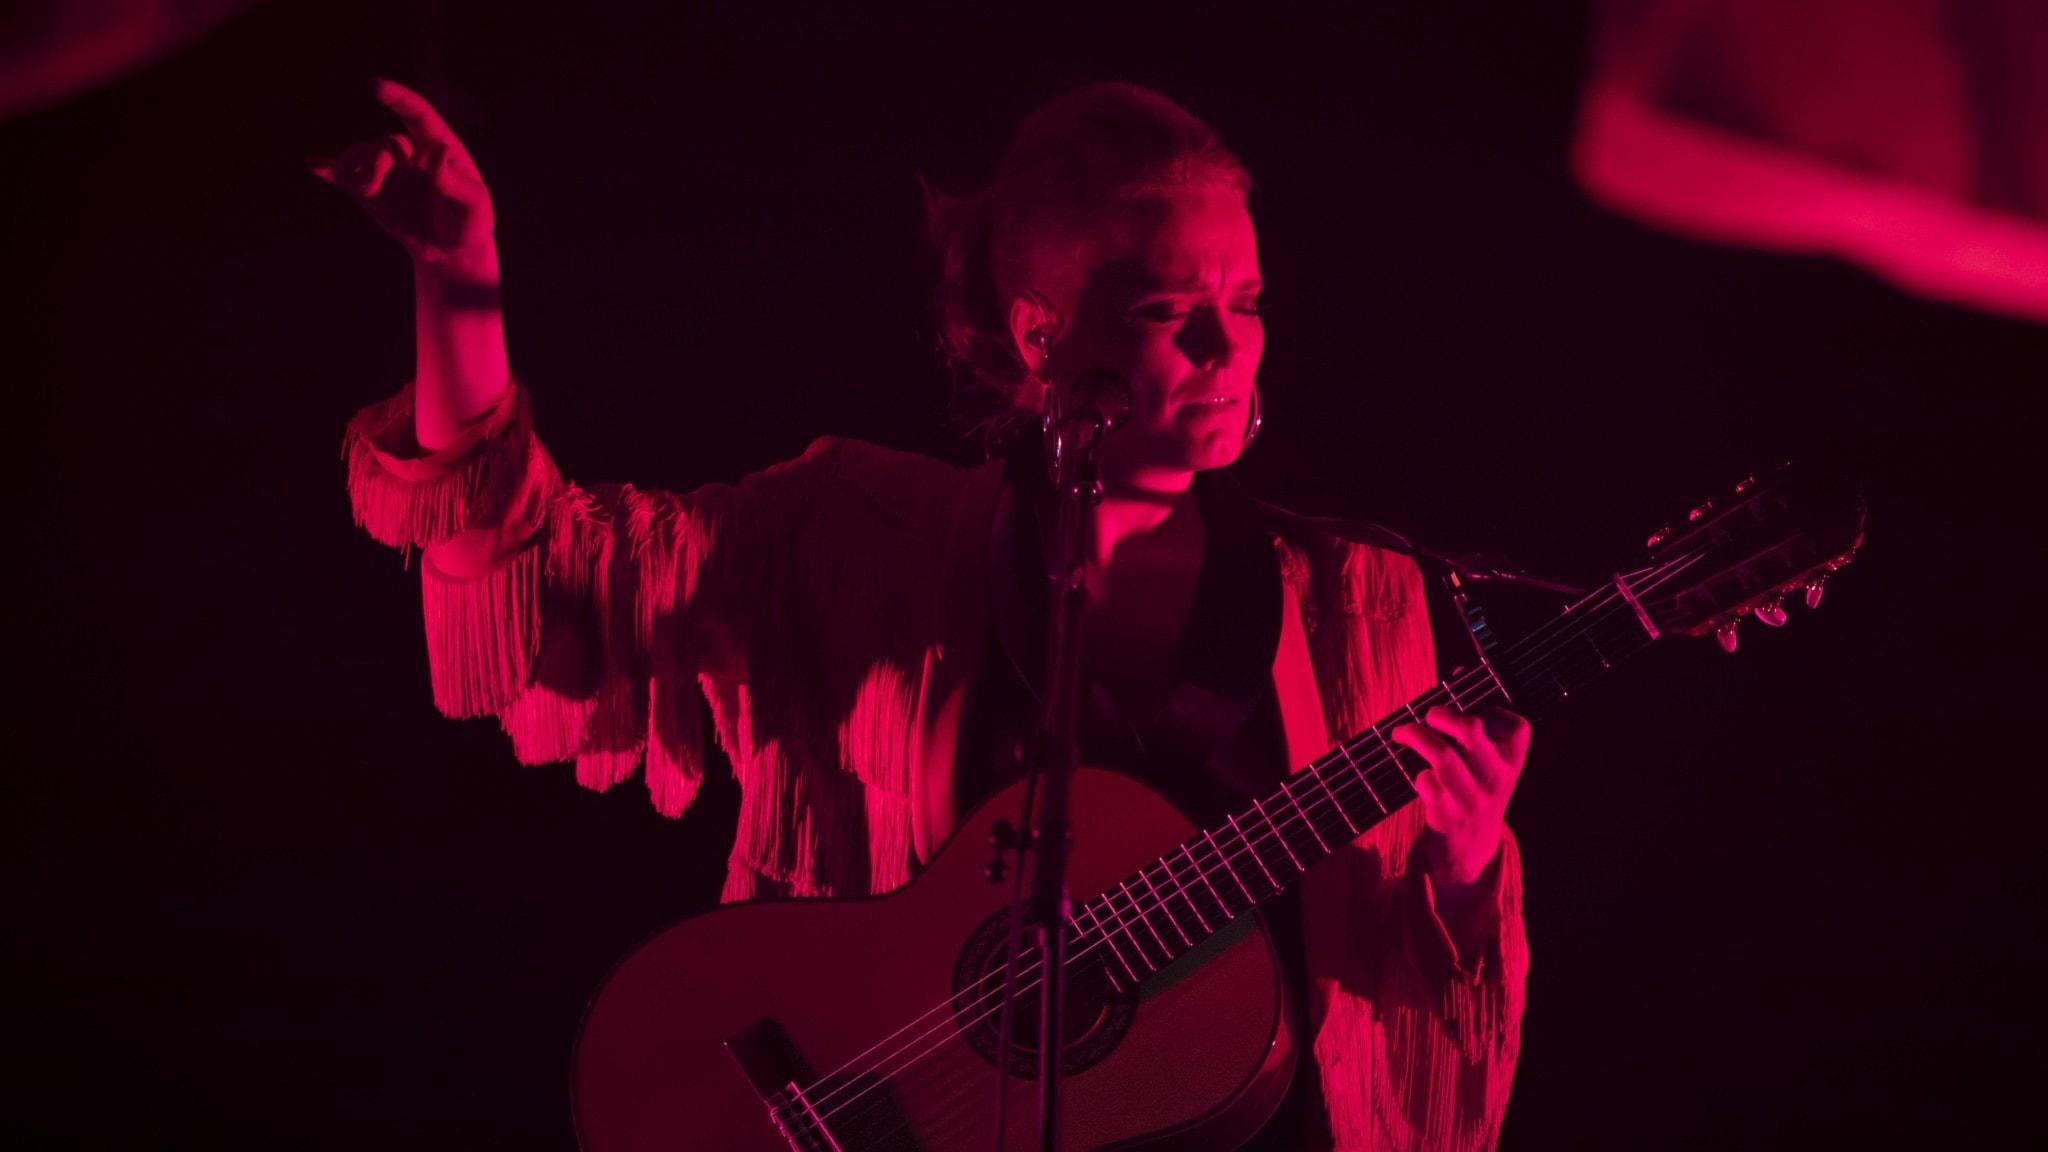 Ane Brun står på scenen med sin gitarr runt halsen på väg att ta ett ackord i ett rött ljus